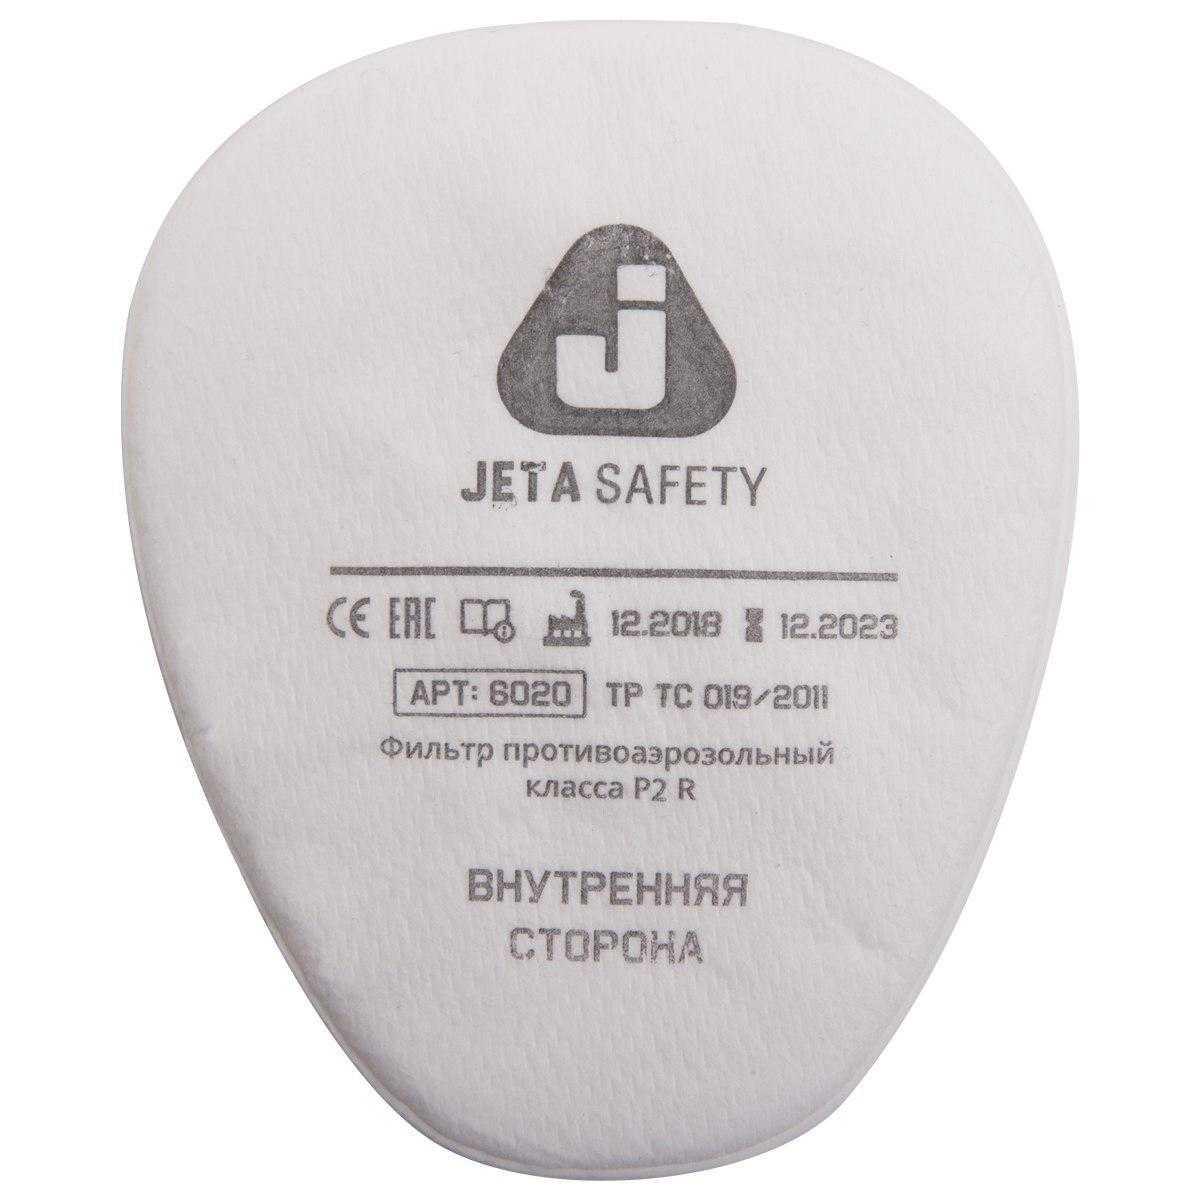 js 6020 - Предфильтр для защиты от пыли и аэрозолей P2 6020